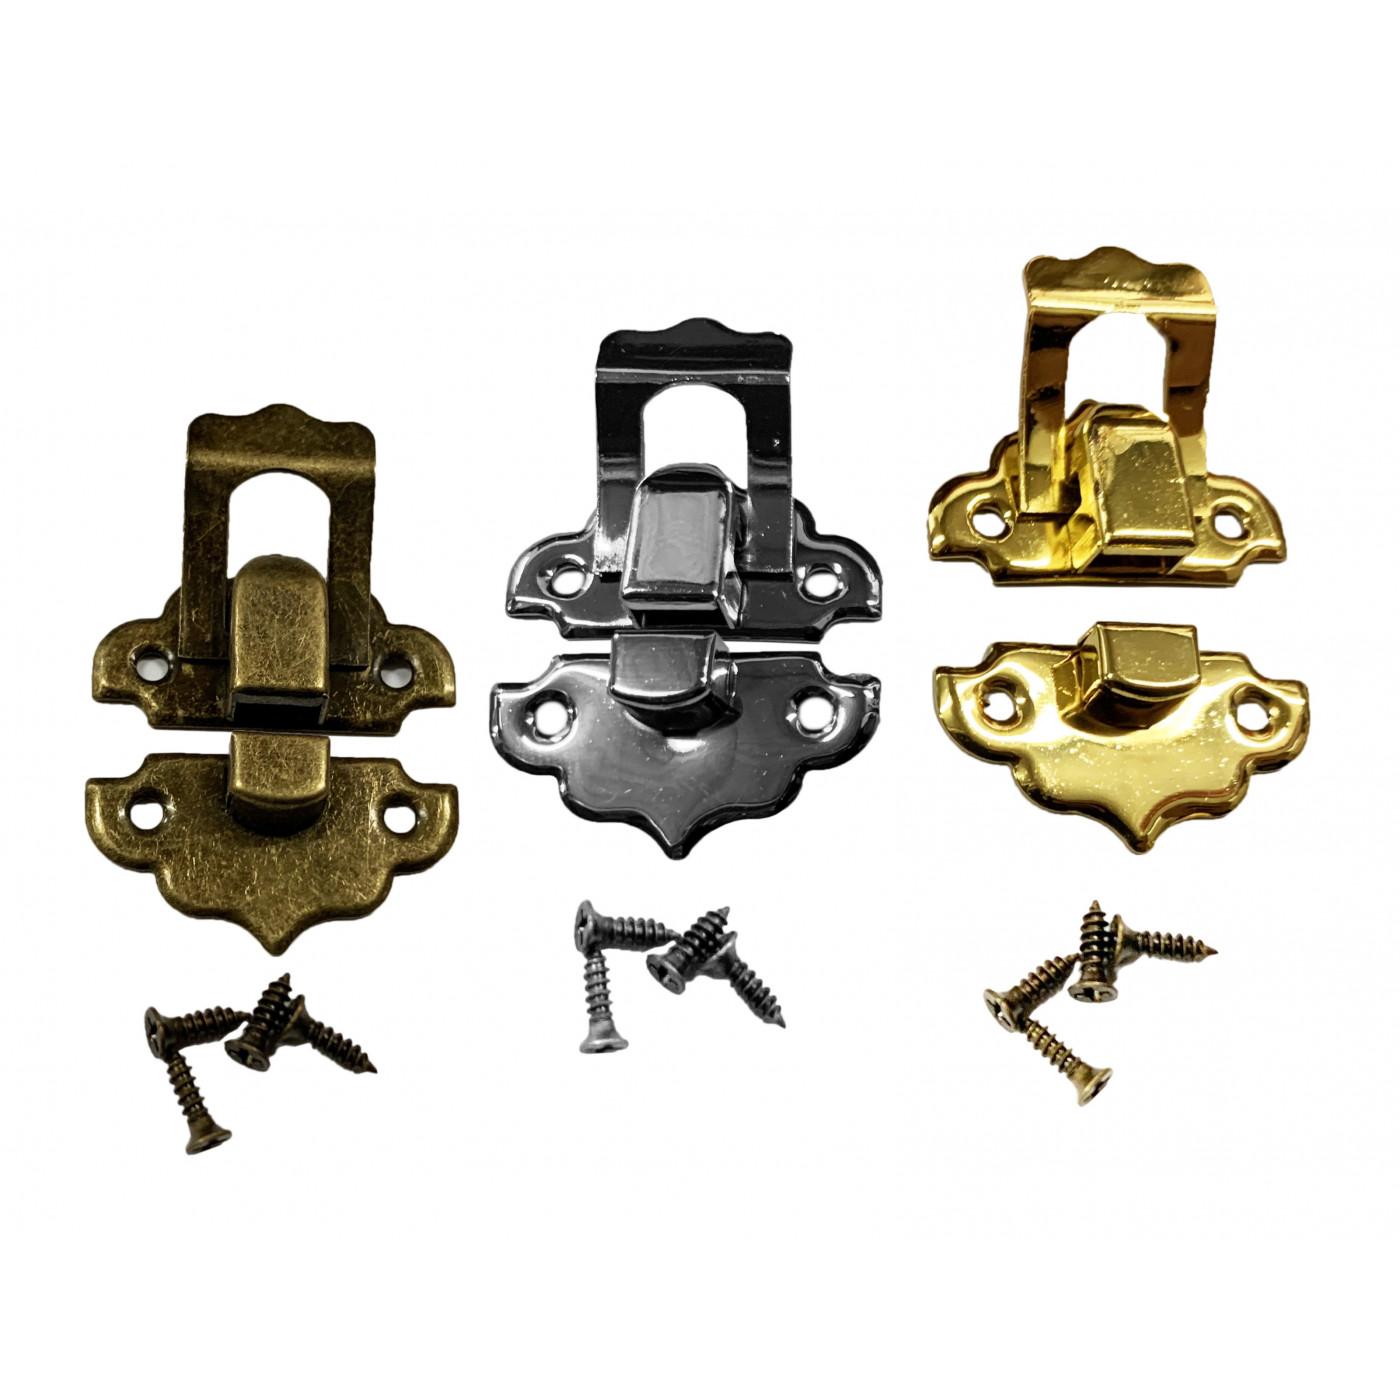 Zestaw 30 małych metalowych zamków skrzynkowych retro (kolor: brąz)  - 1